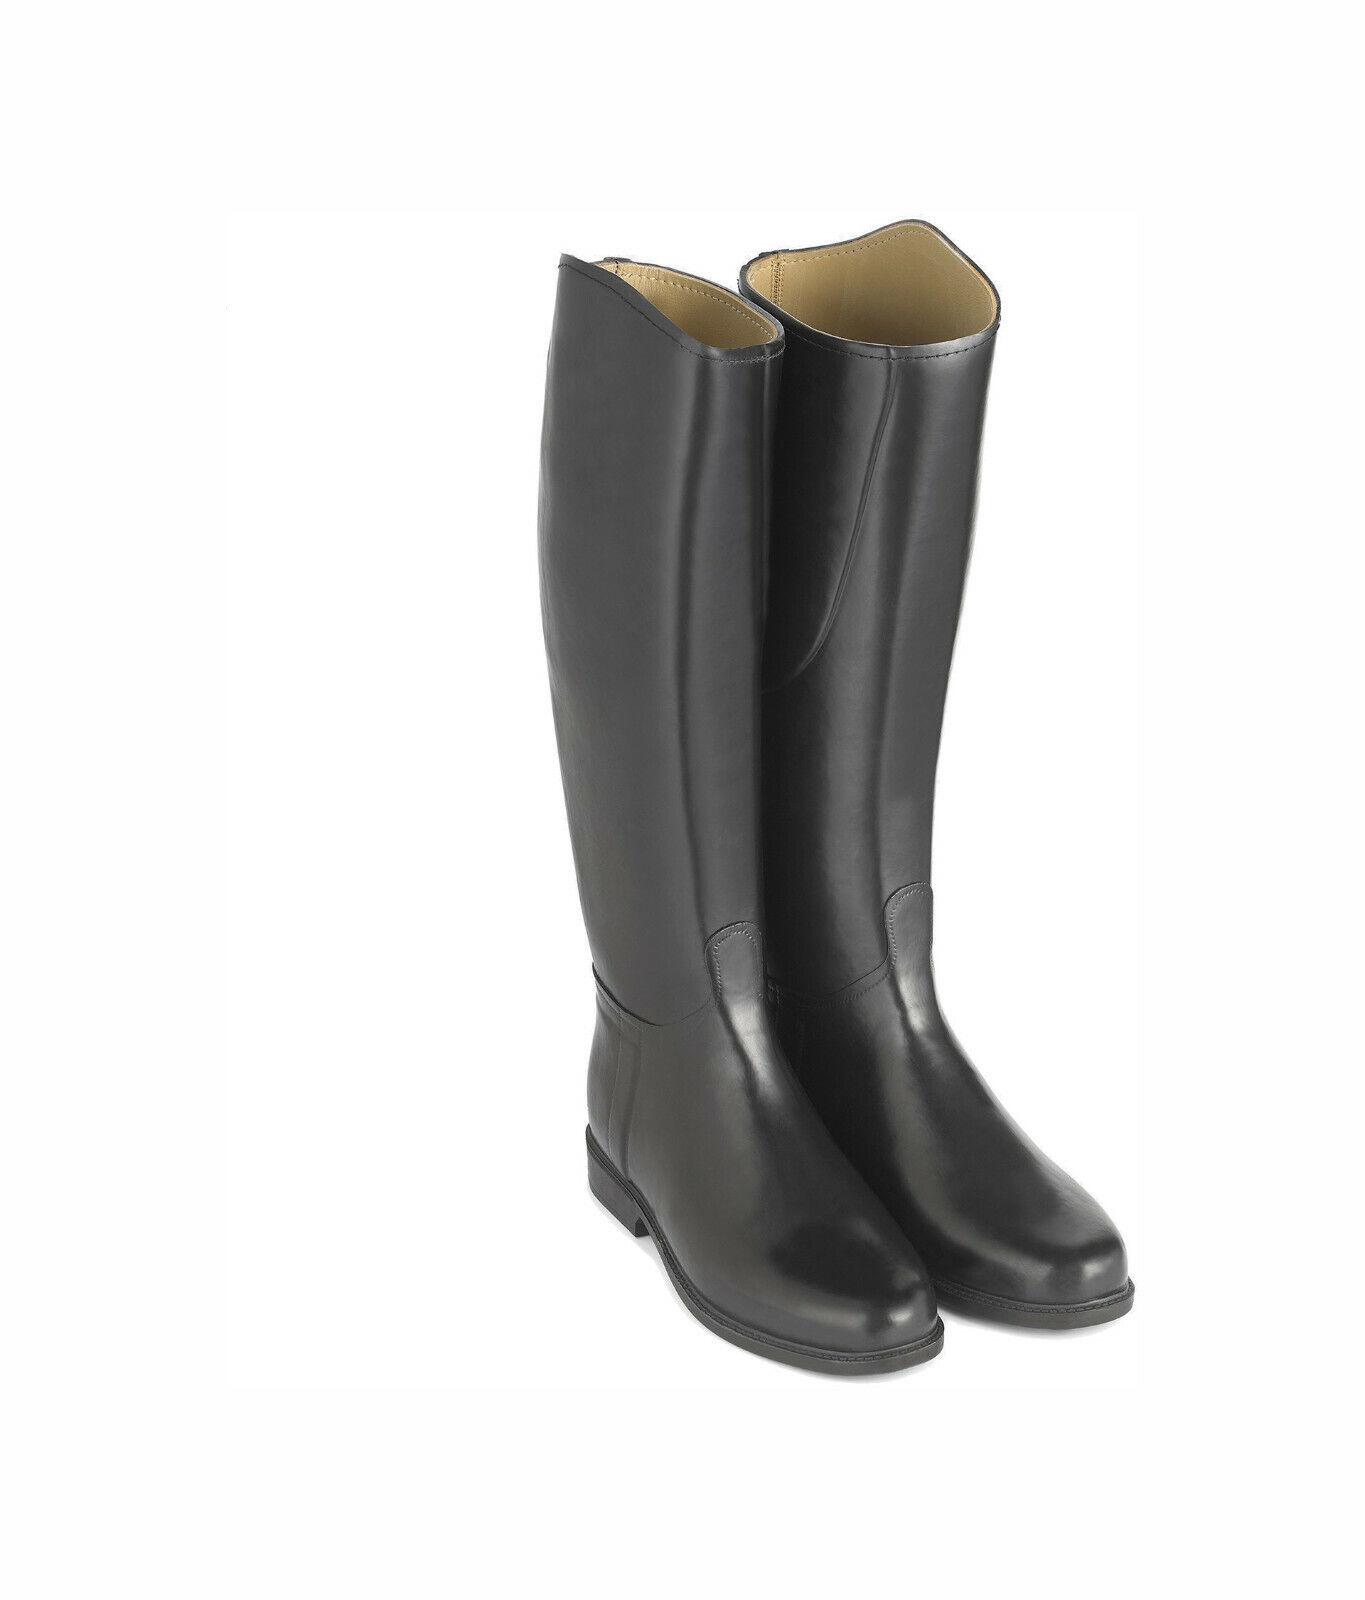 Le Chameau Alezan cuir nero 45 CALF 44 MONTALA Stivali in Pelle Fodera stivali di gomma